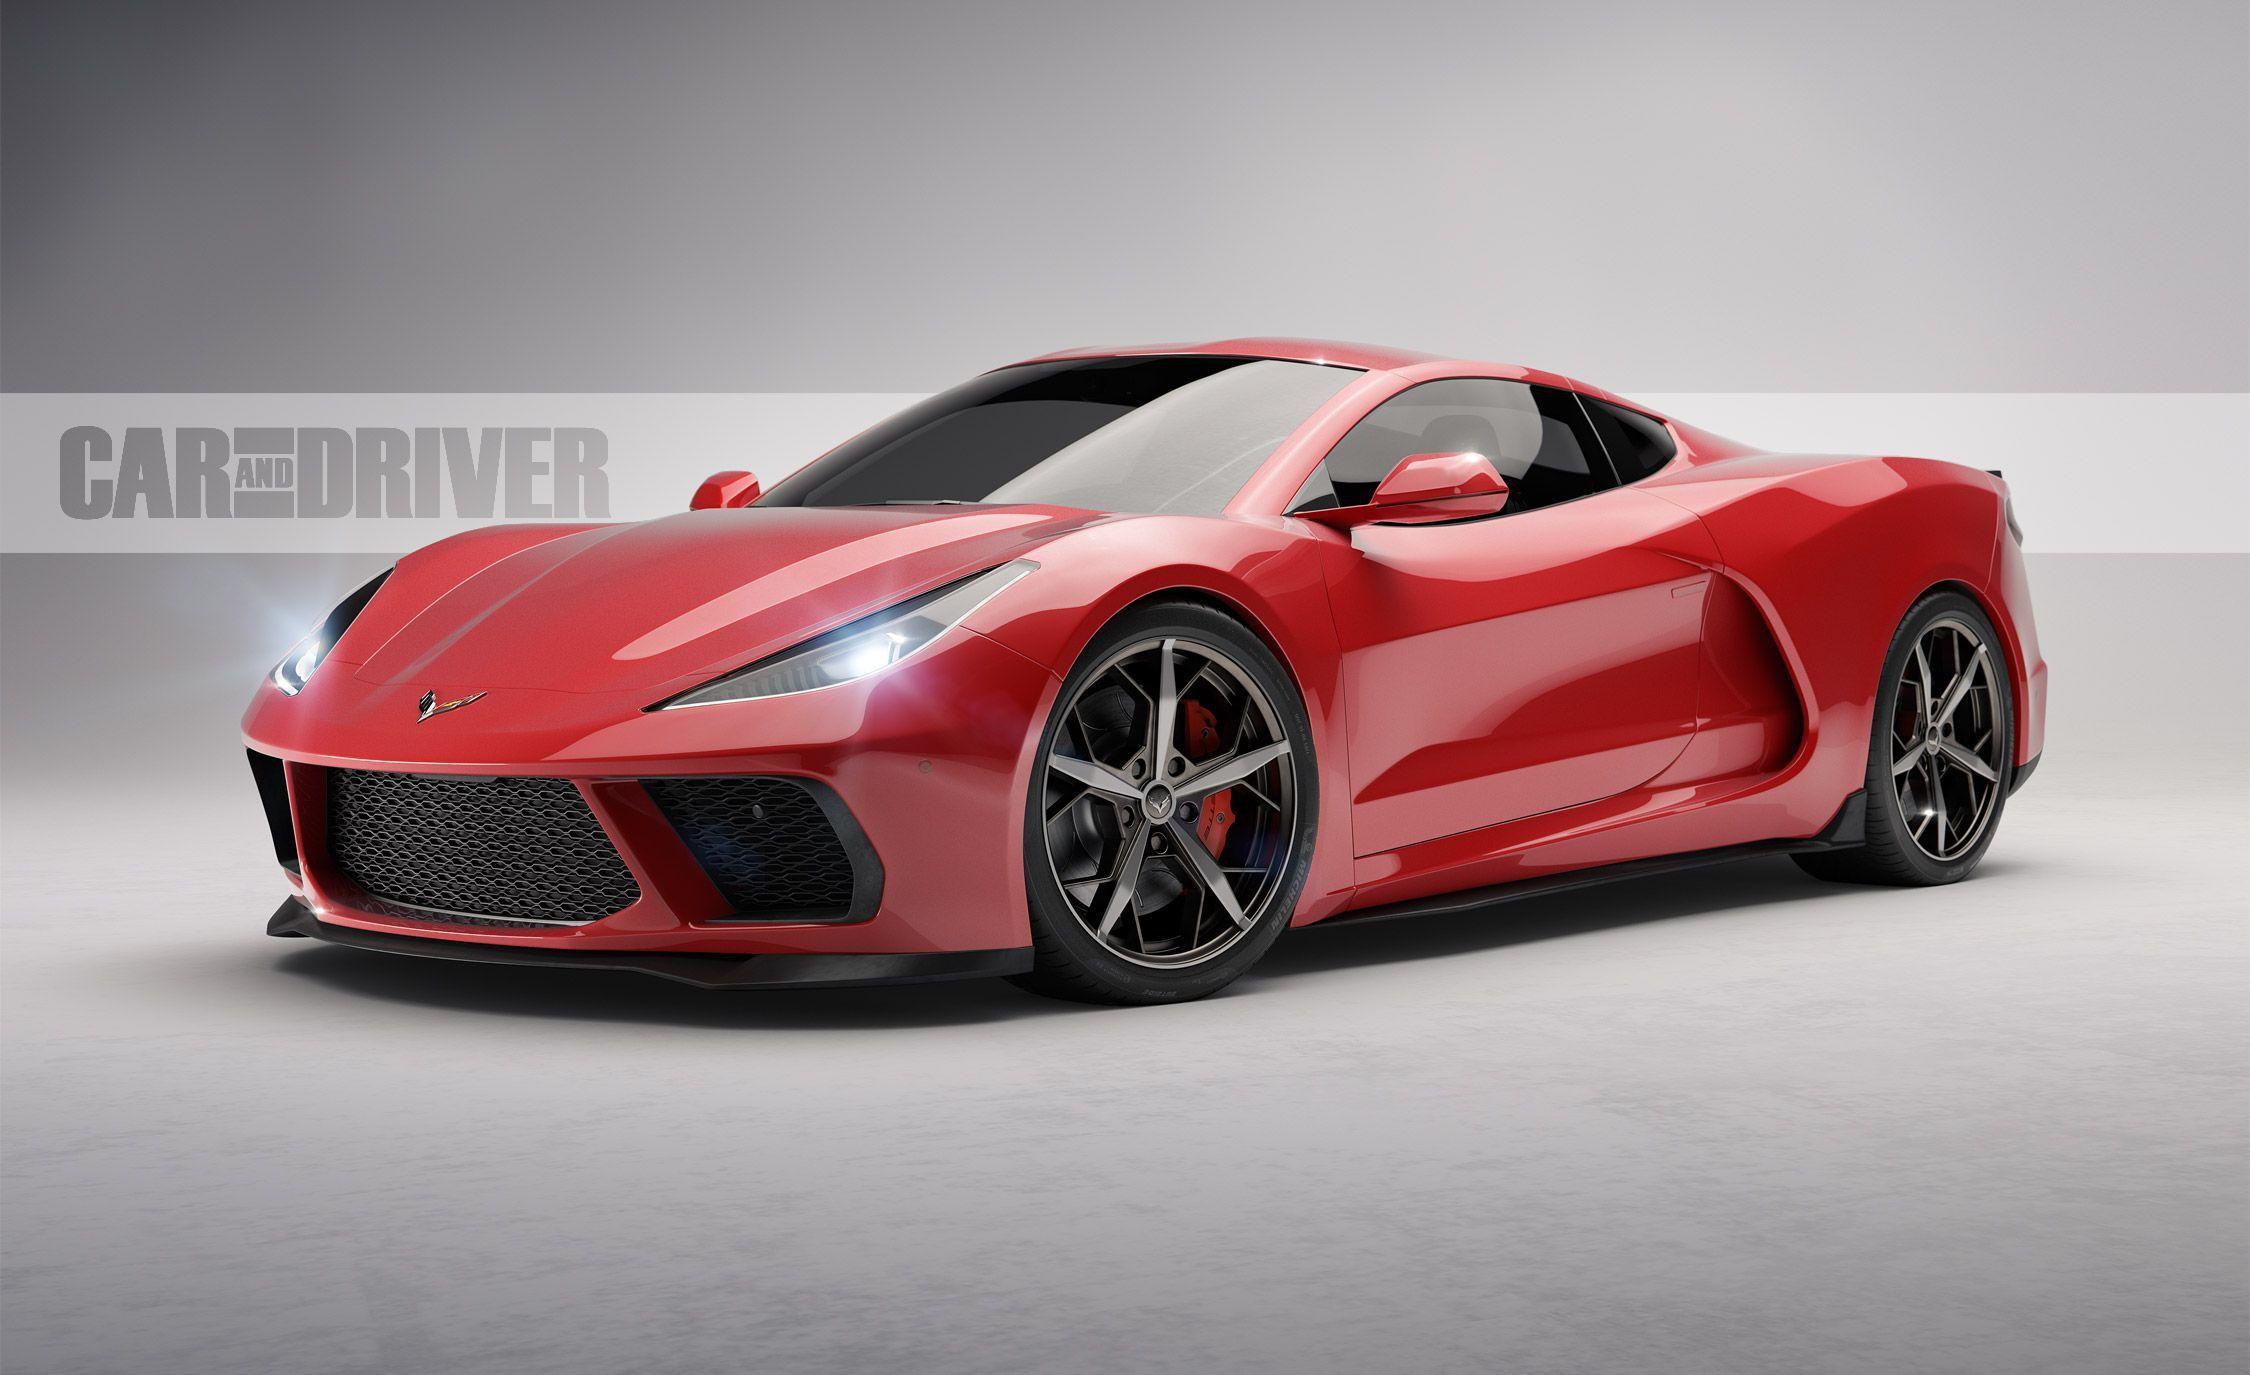 2020 Chevrolet Corvette C8 The Mid Engined White Whale Is Nearly Here Chevrolet Corvette Corvette Stingray Corvette